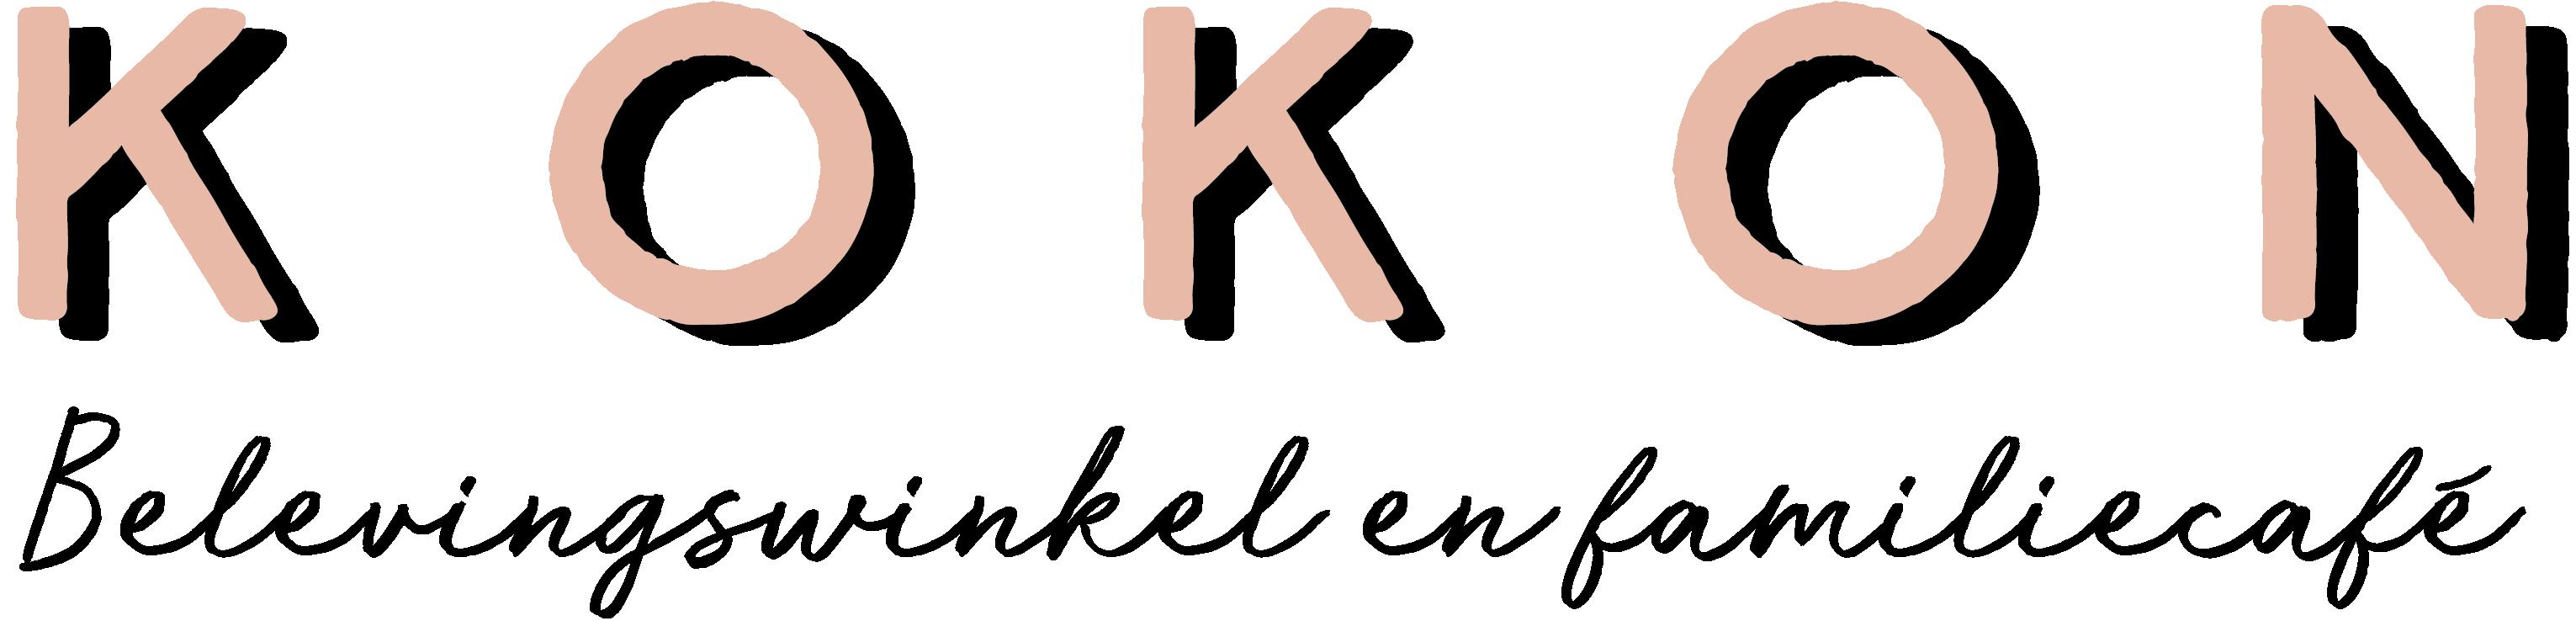 KOKON & KO